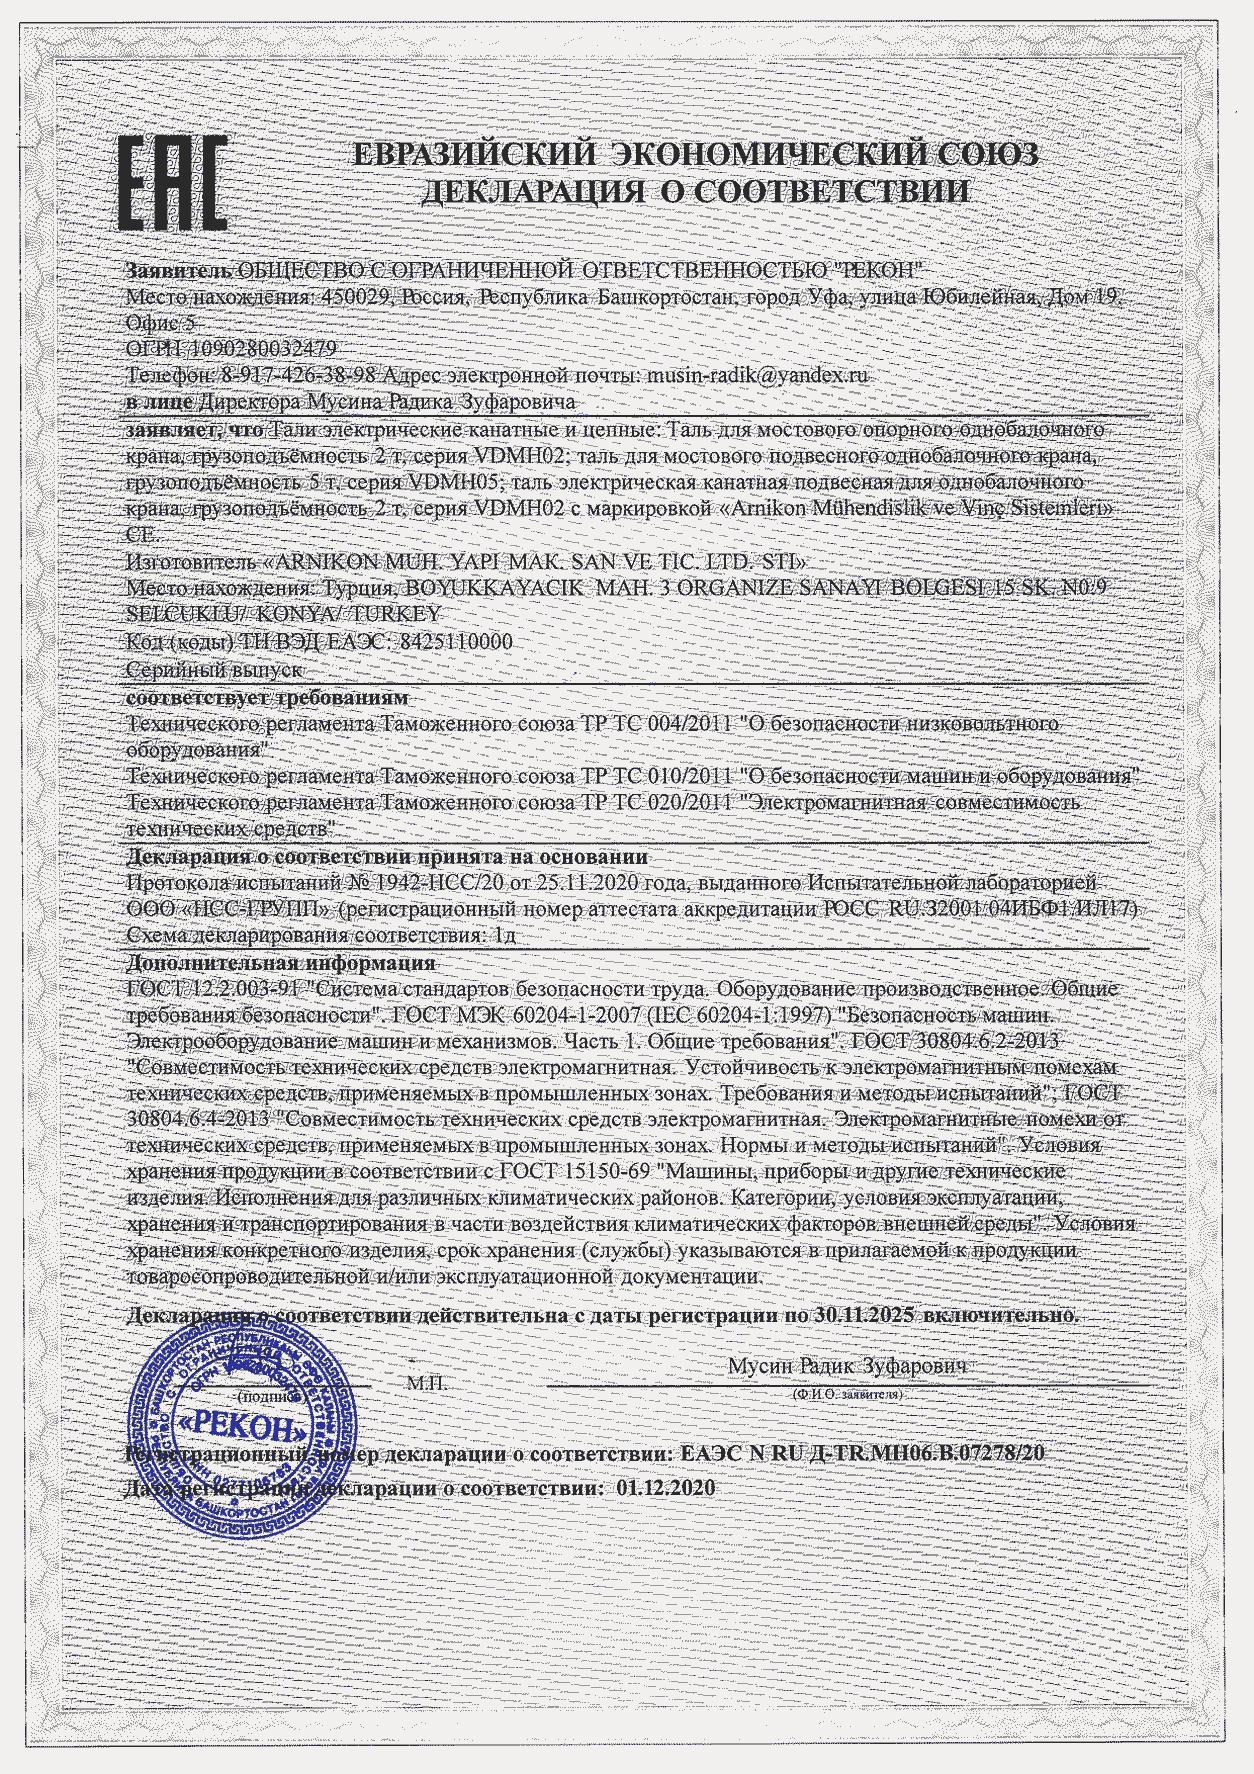 Декларация о соответсвии таль VDH 02